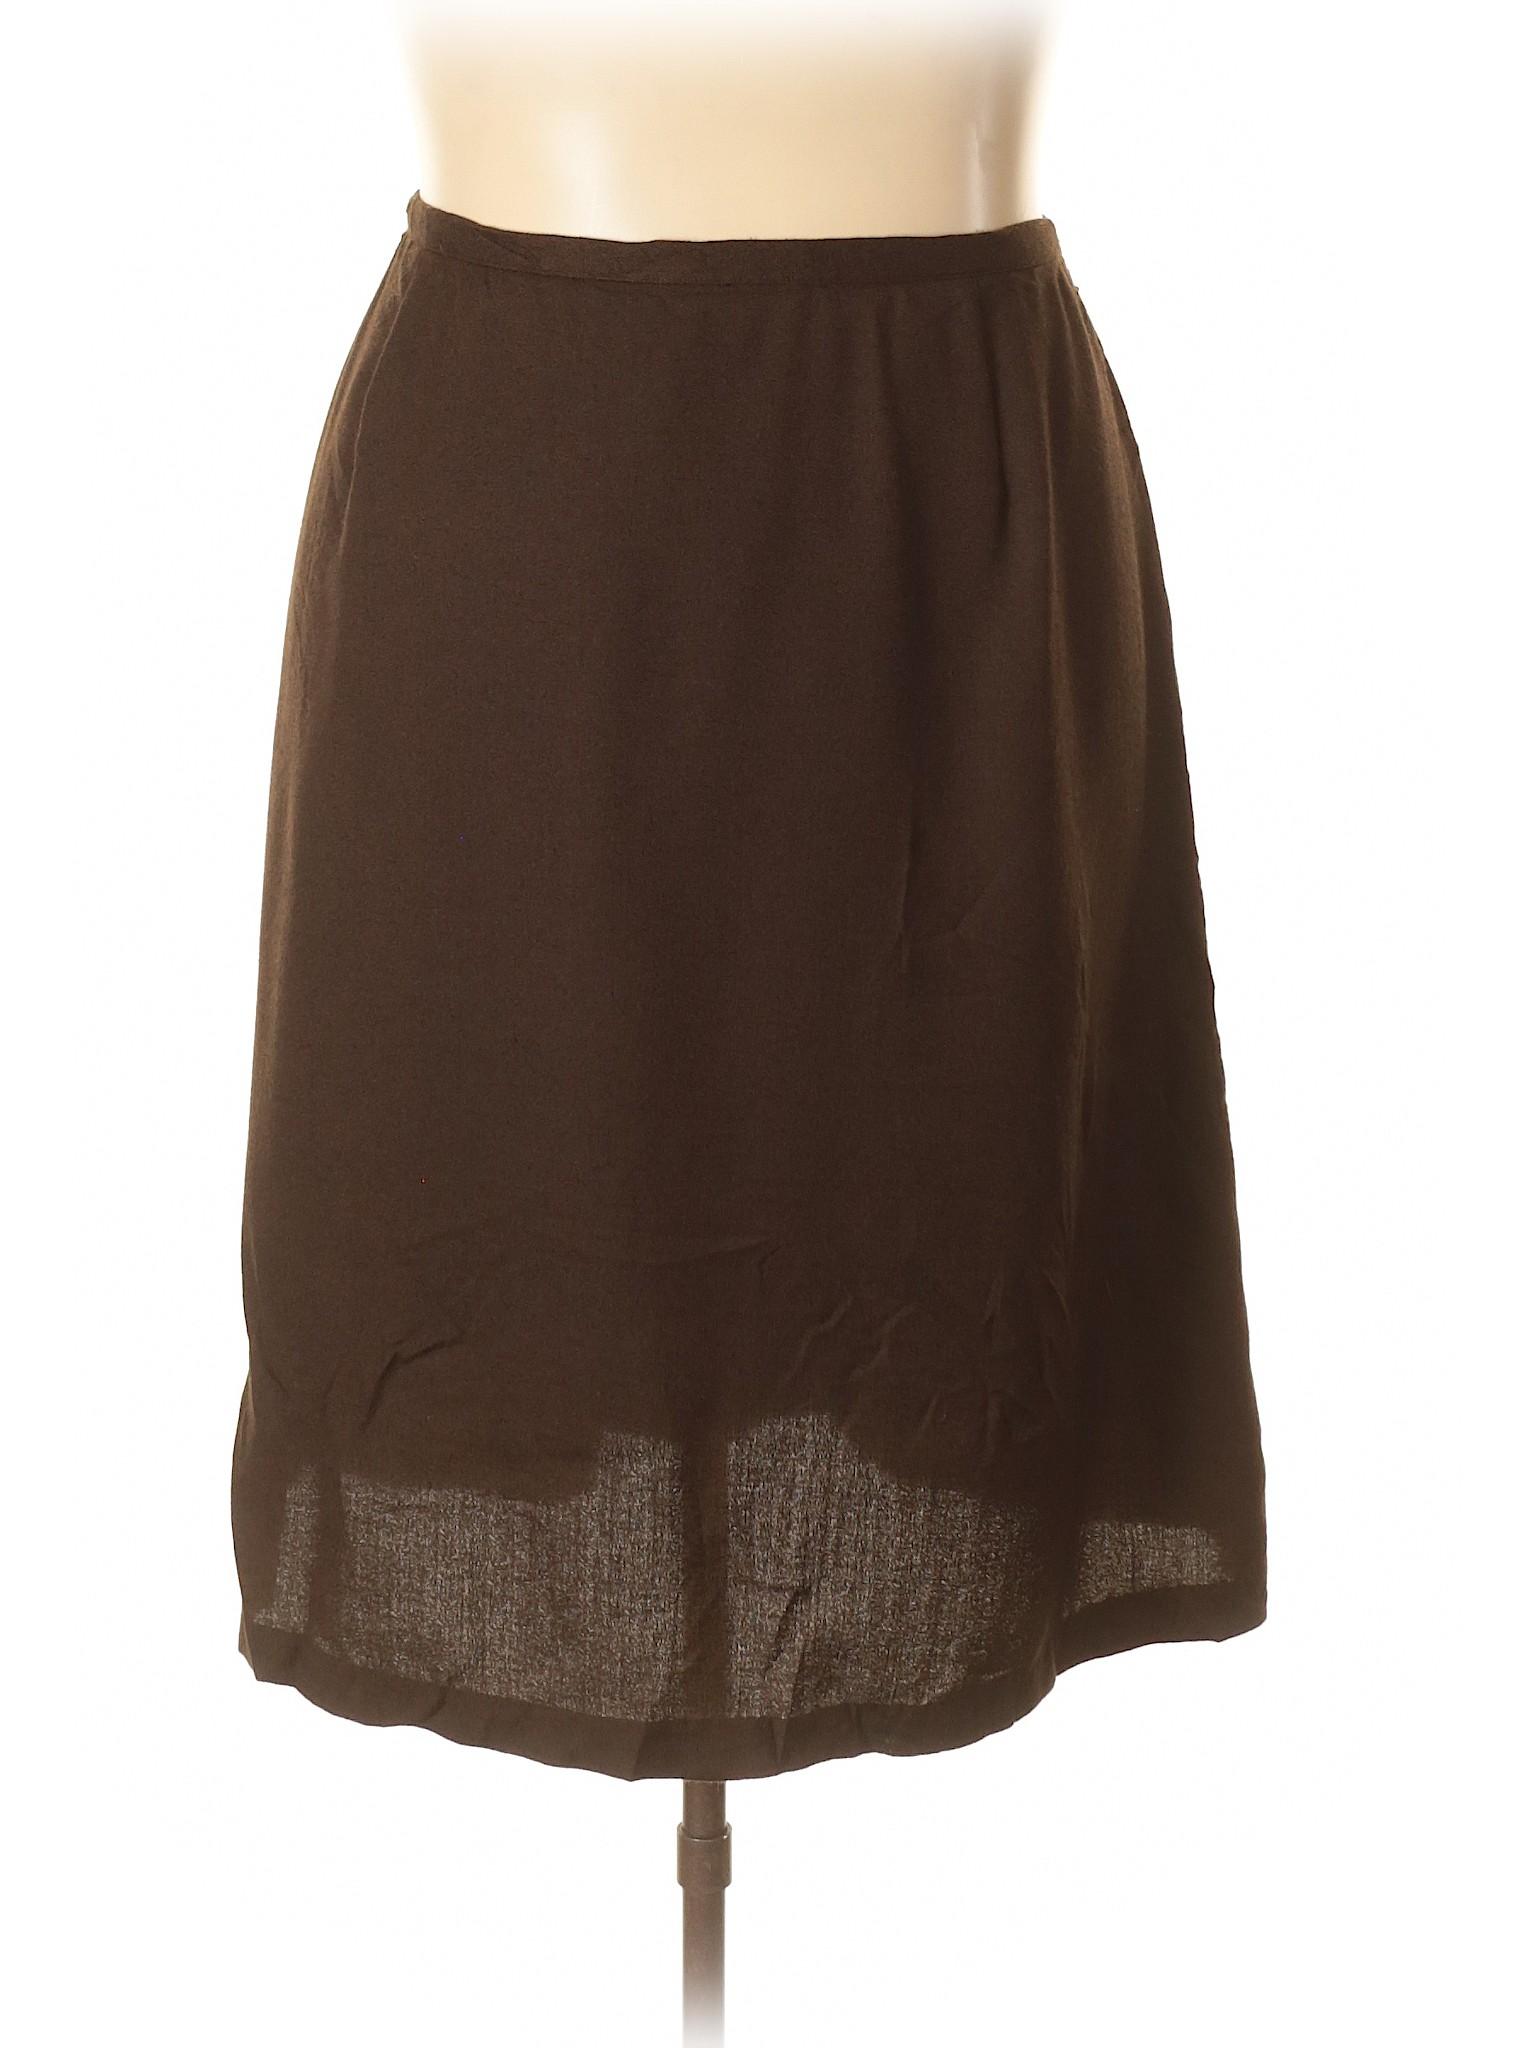 Boutique Casual Casual Skirt Boutique Skirt Casual Casual Skirt Boutique Skirt Skirt Casual Boutique Boutique TB0qwqdC